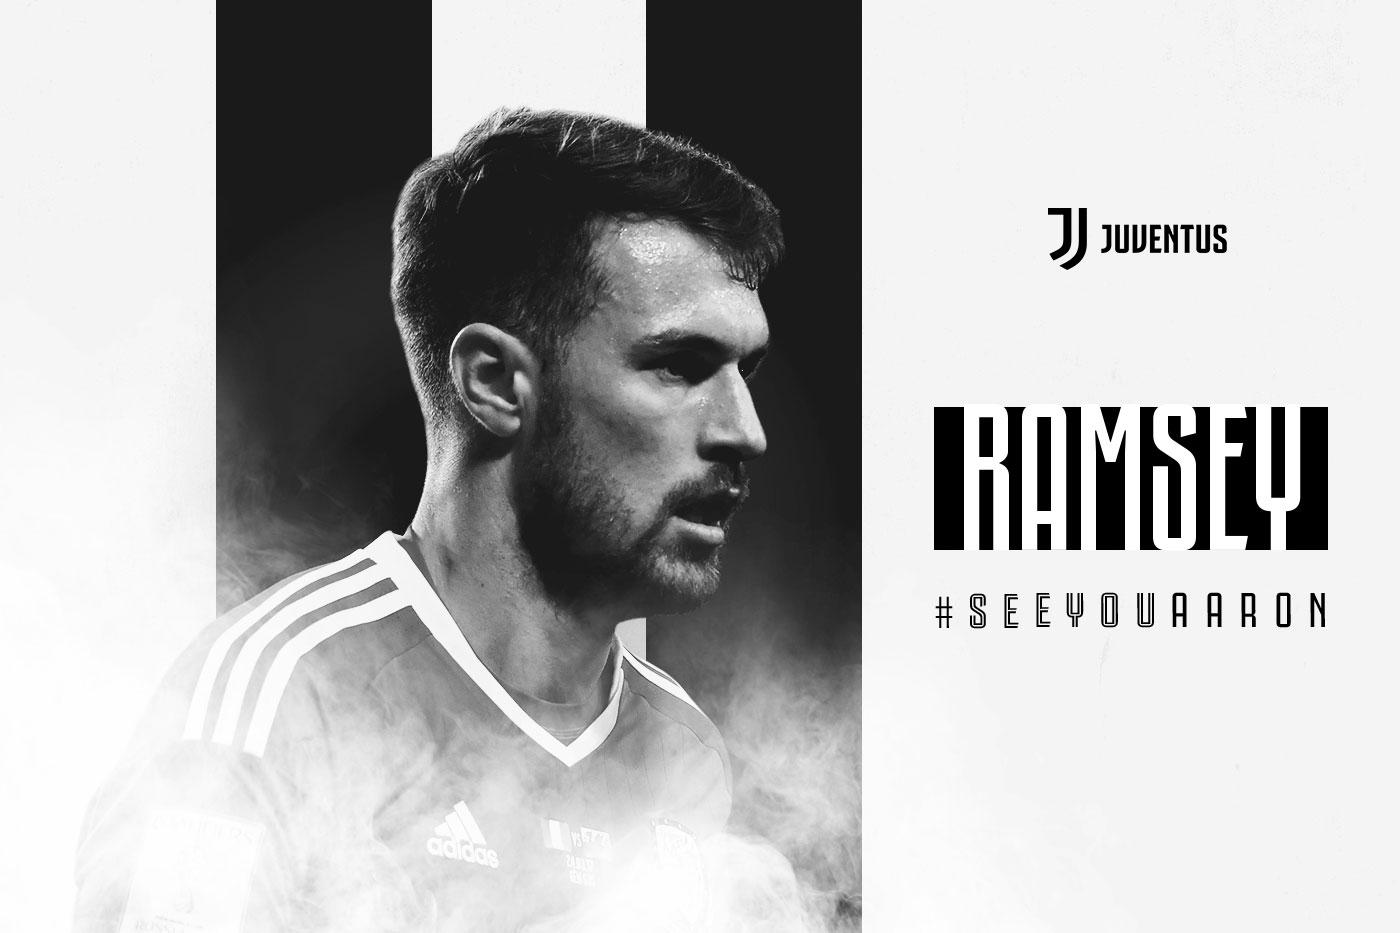 """Ramsey si presenta """"La Juve un top club, qui per una nuova sfida"""""""